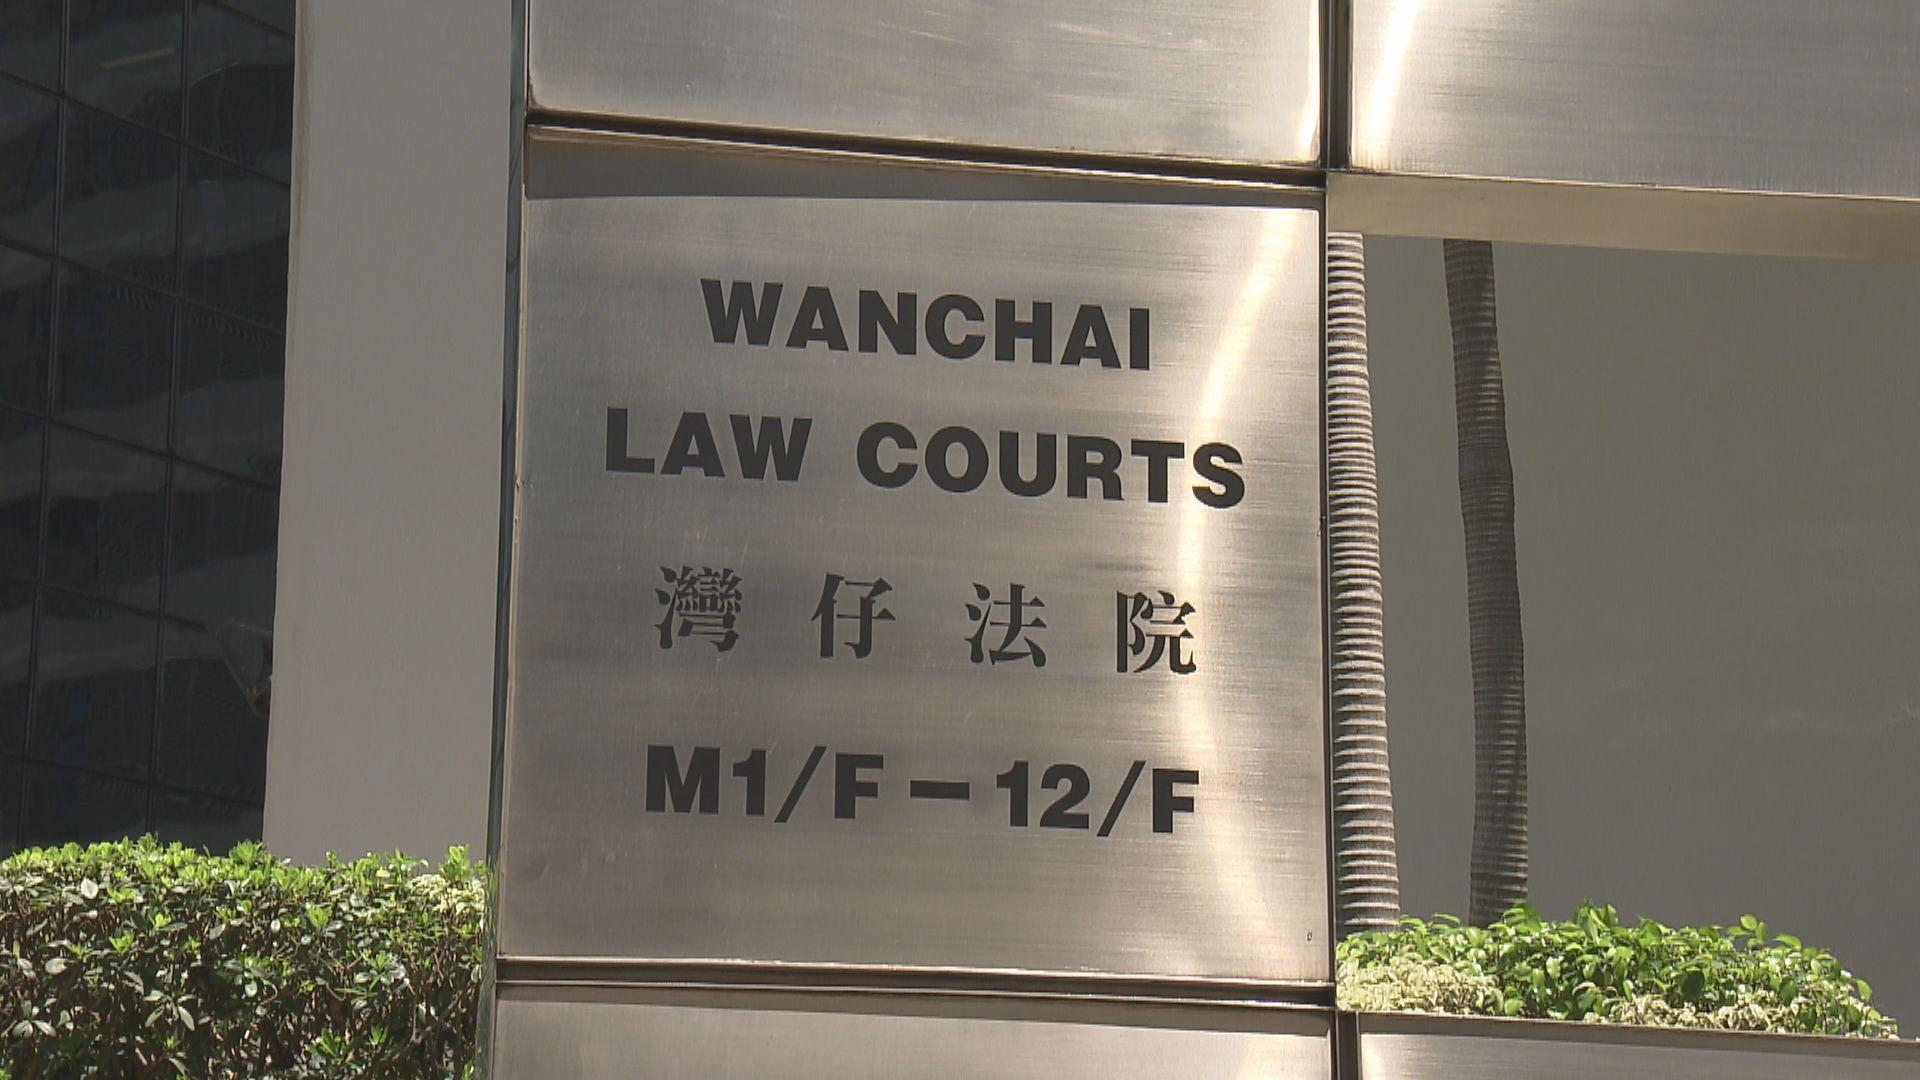 區院裁定有權審理譚得志涉發表煽動文字案